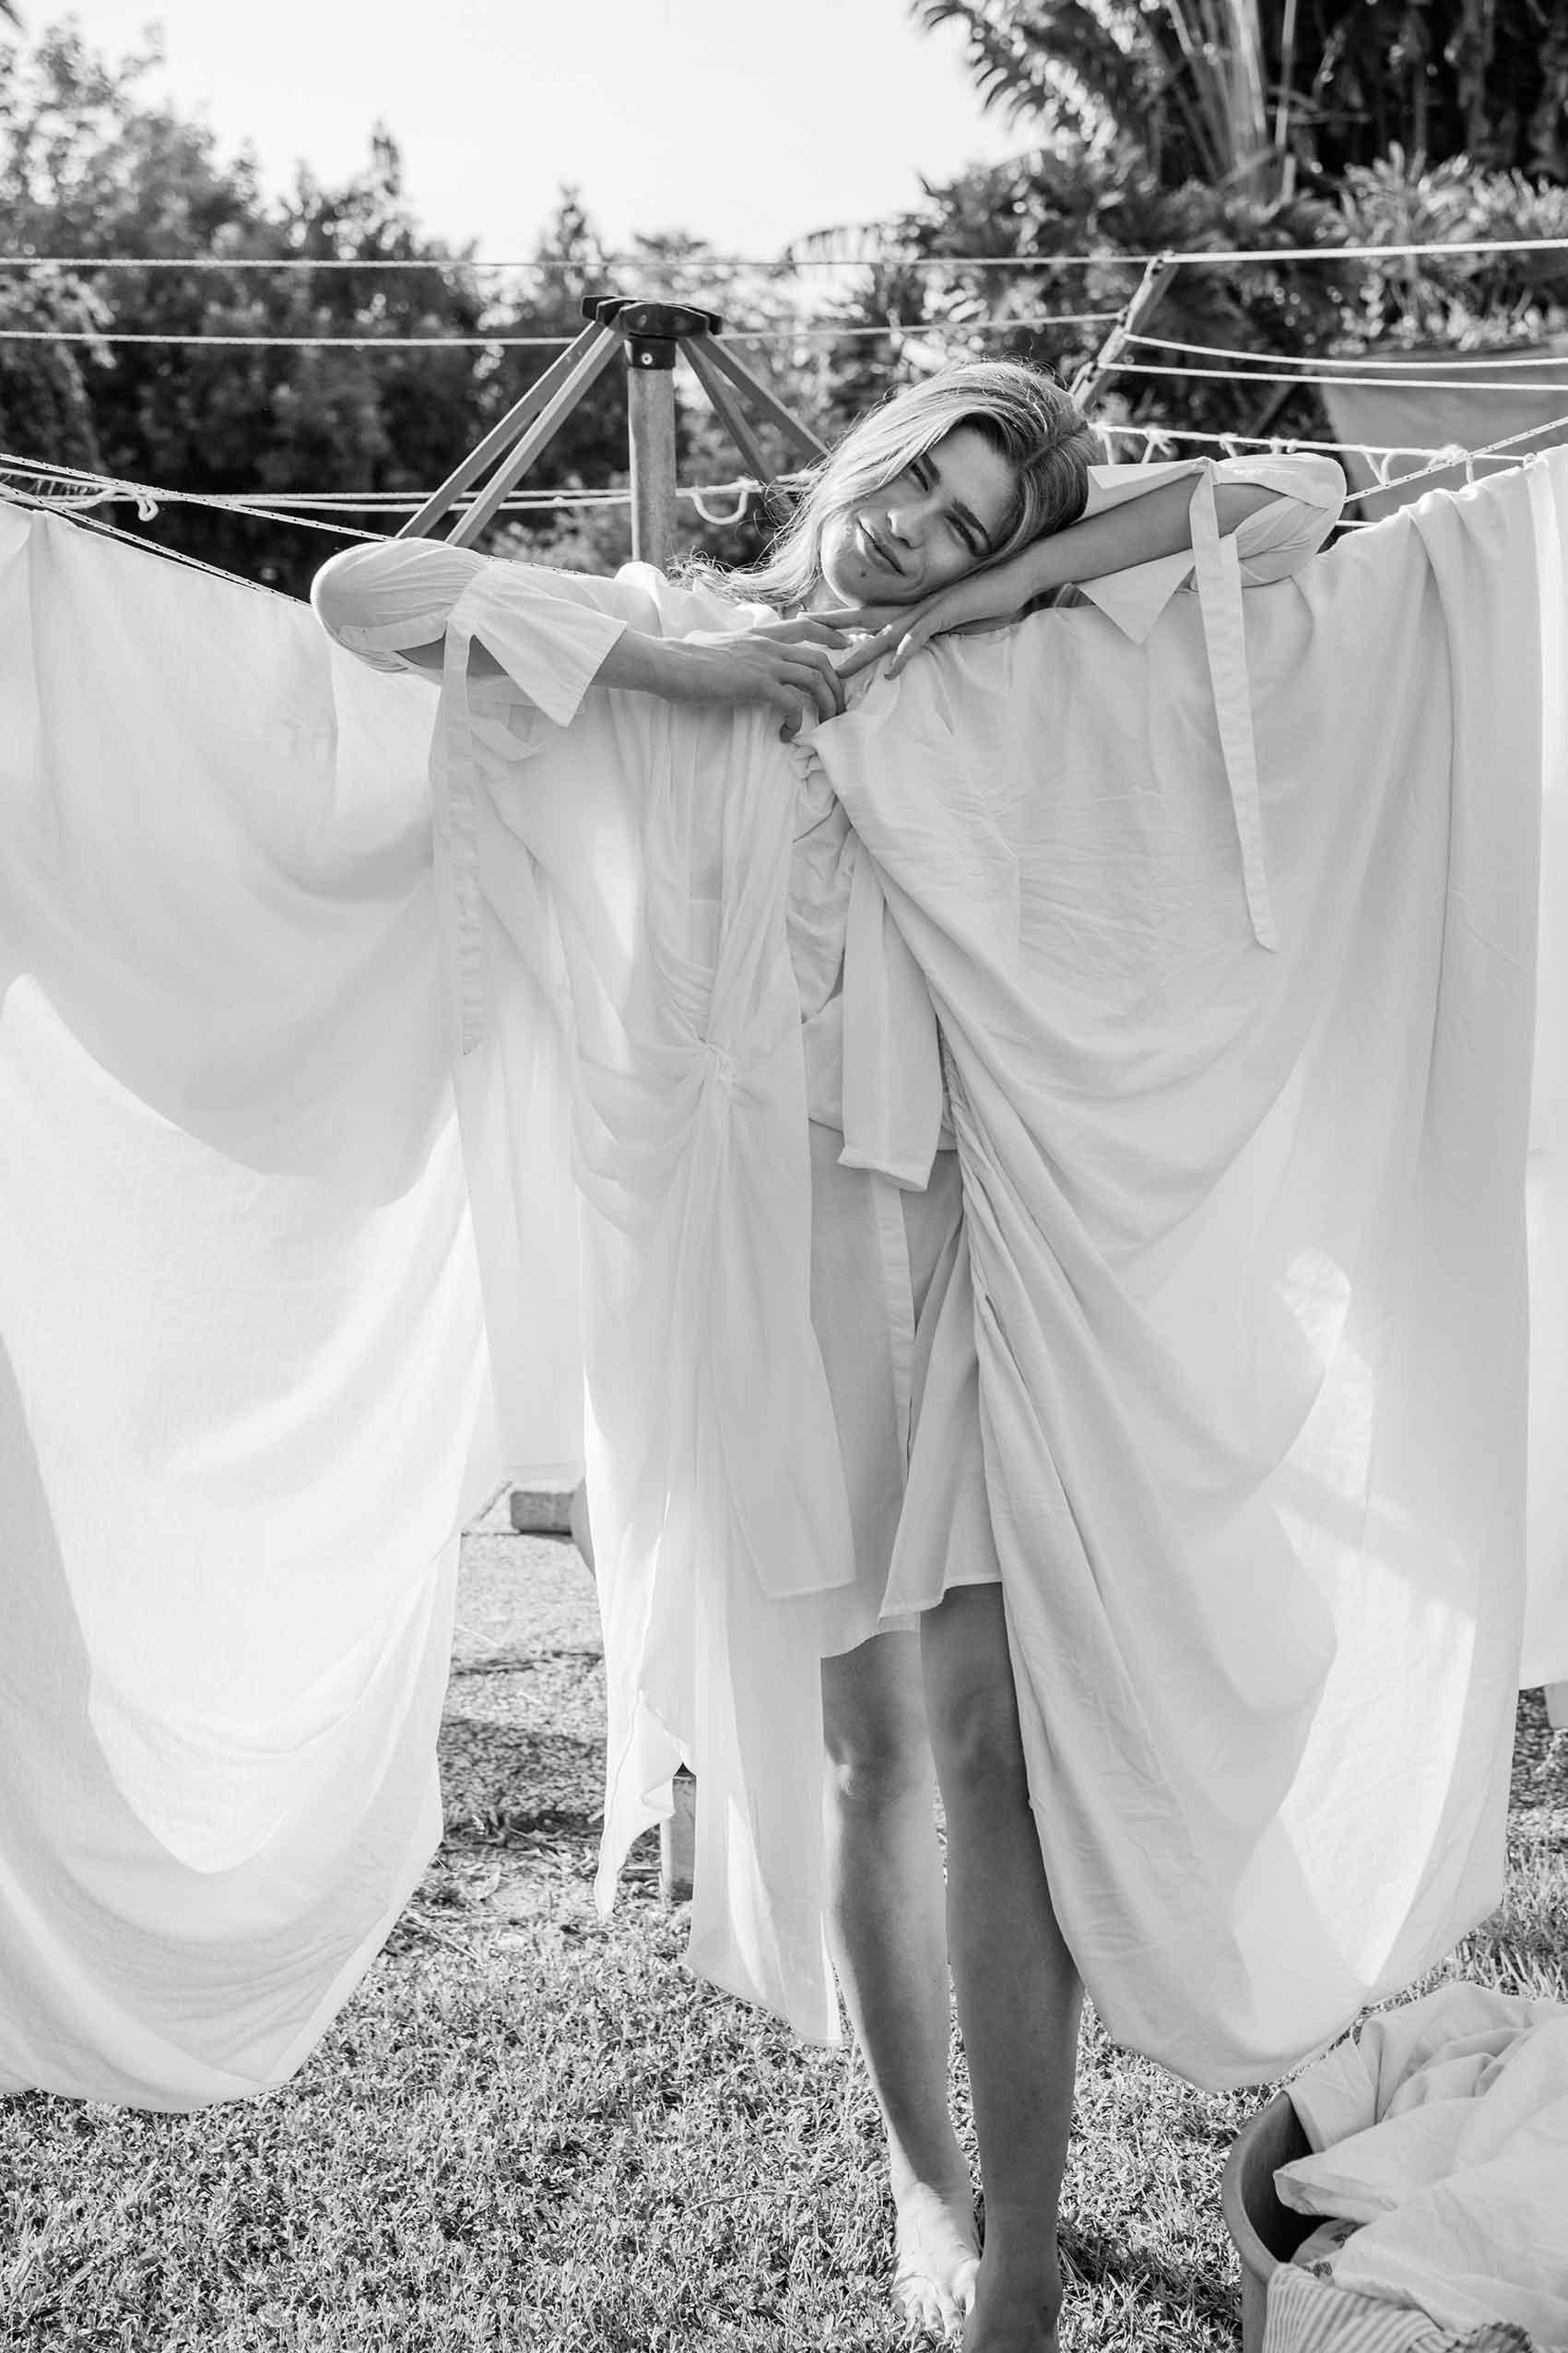 מגזין אופנה אונליין-הפקת אופנה באווירה כפרית -